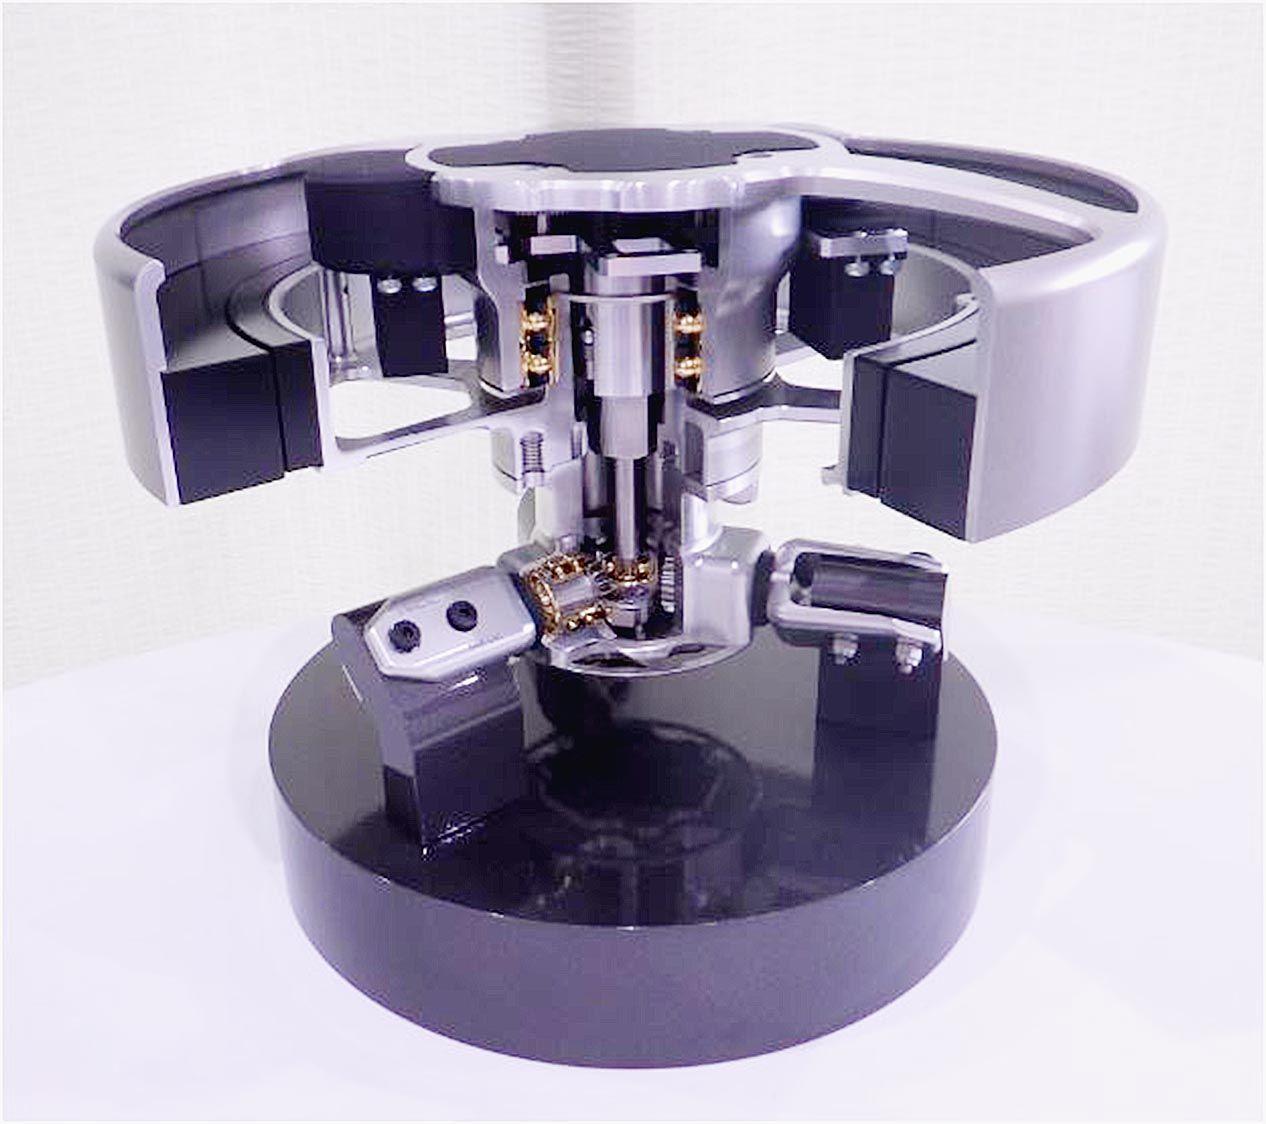 日本精工、ヤマハ発動機が開発する大型ドローンに技術提供 「可変ピッチ機構付きモータハブ」搭載